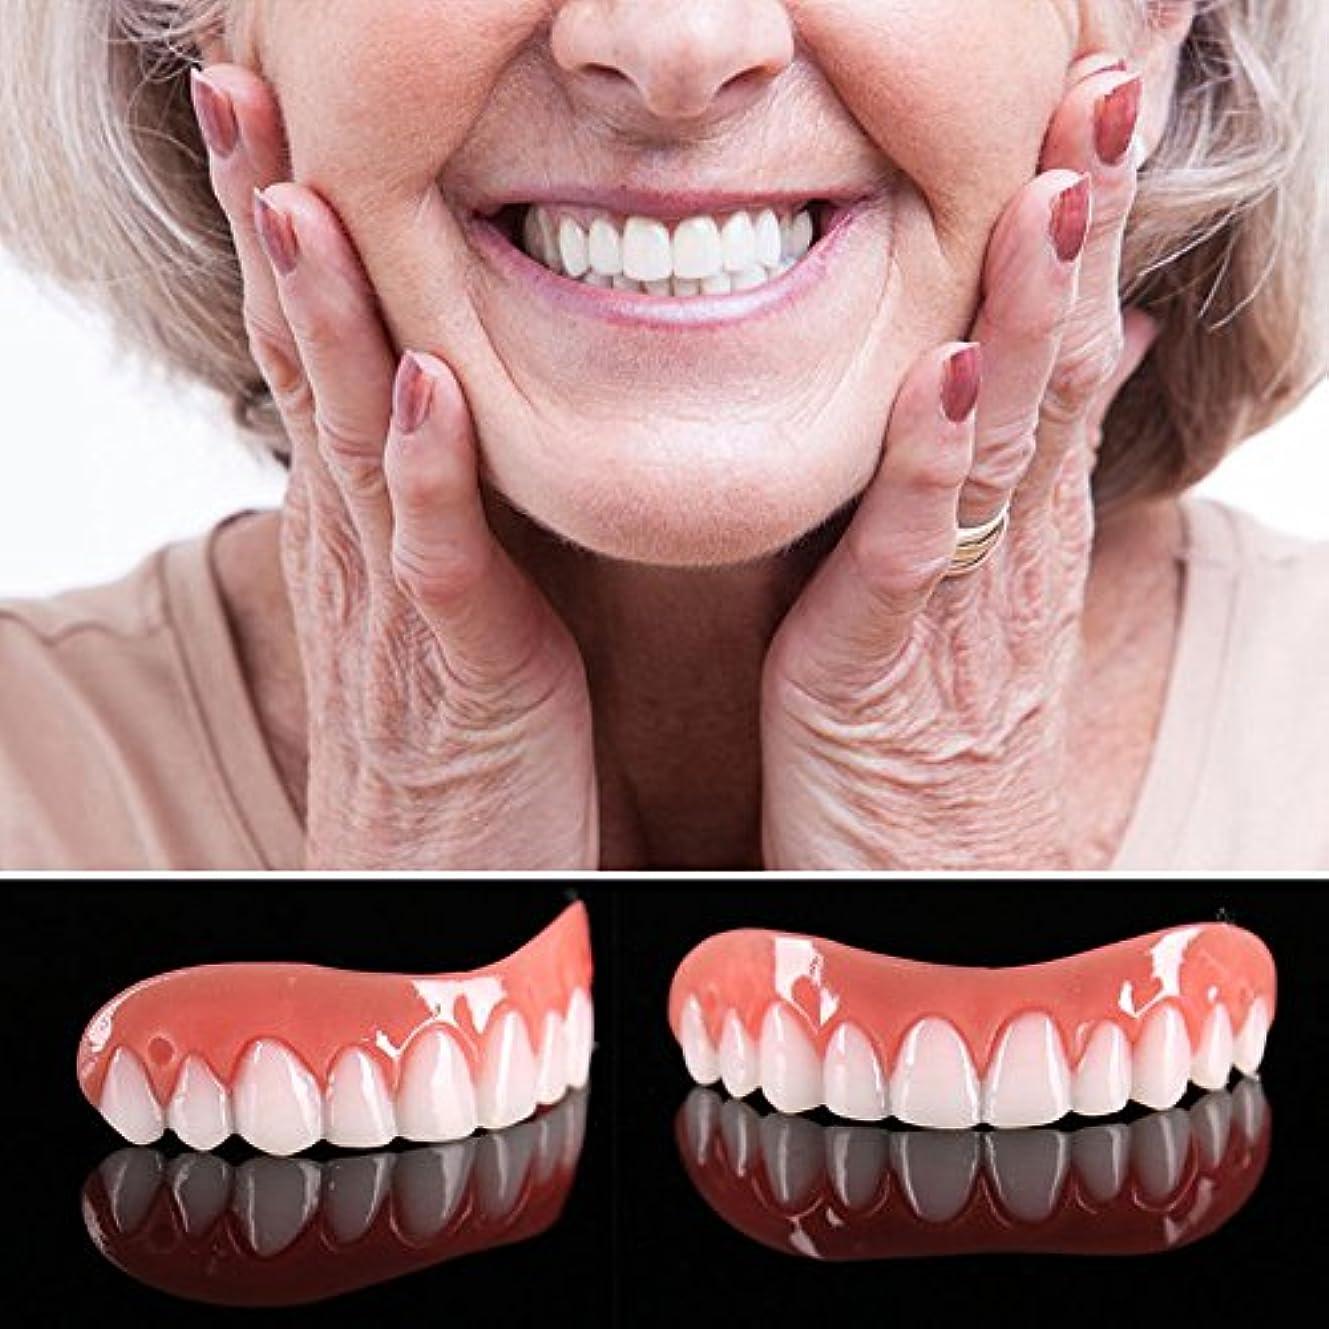 安価な地理クリア5ピースアッパーフェイク歯科用ベニアコンフォートフィット歯トップ化粧品ベニアワンサイズフィットすべての義歯接着剤歯偽義歯歯笑顔